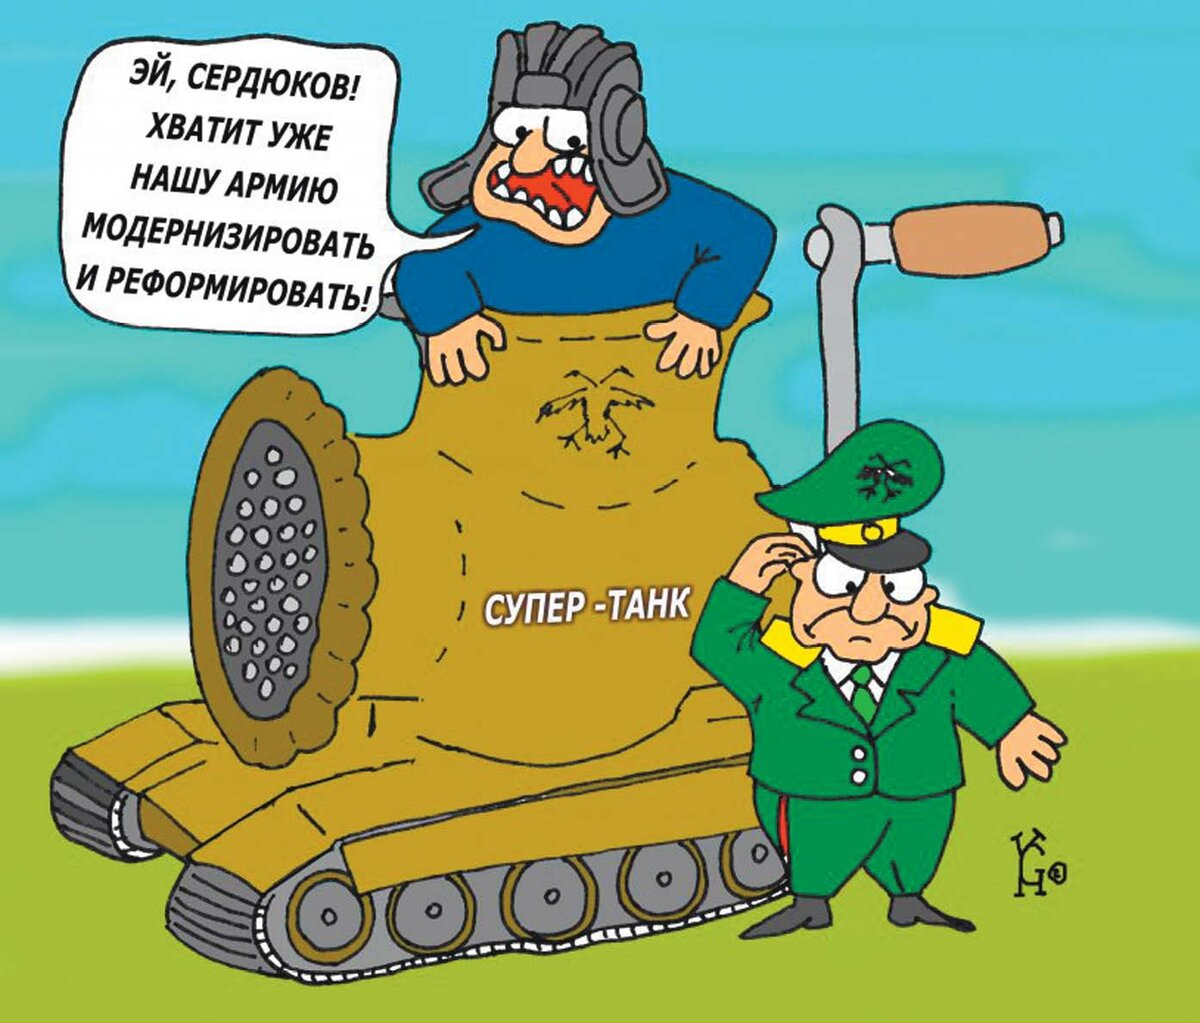 Картинки про армию смешные